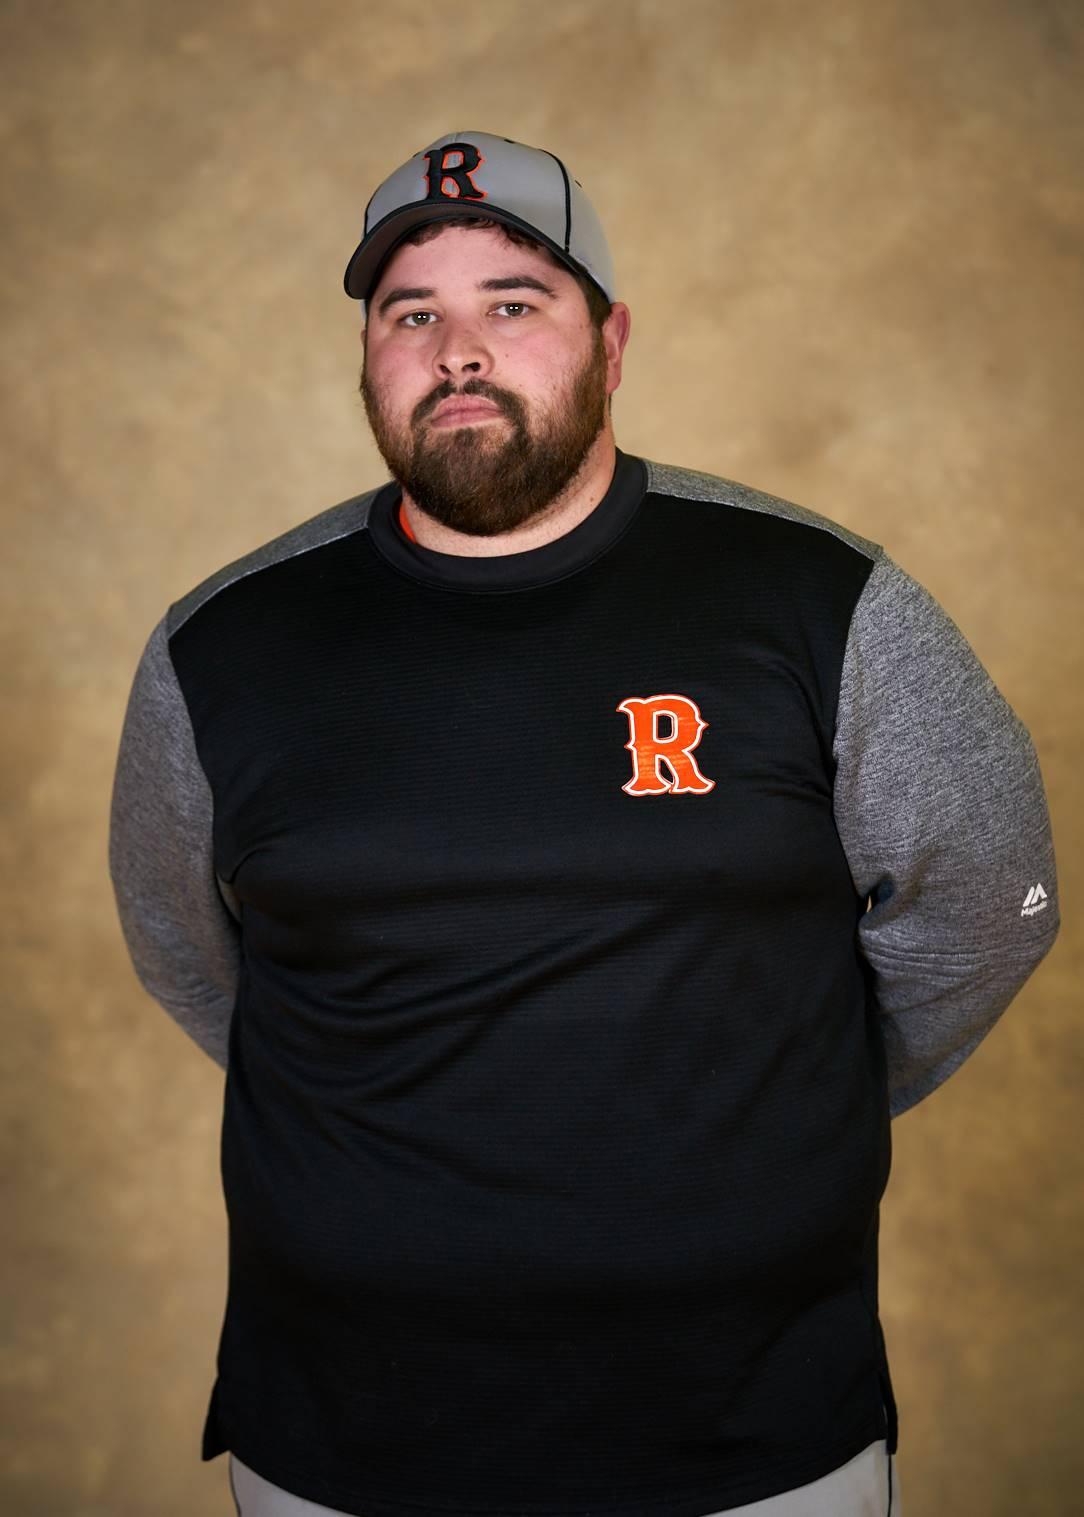 Spring 2018 Jv baseball coach